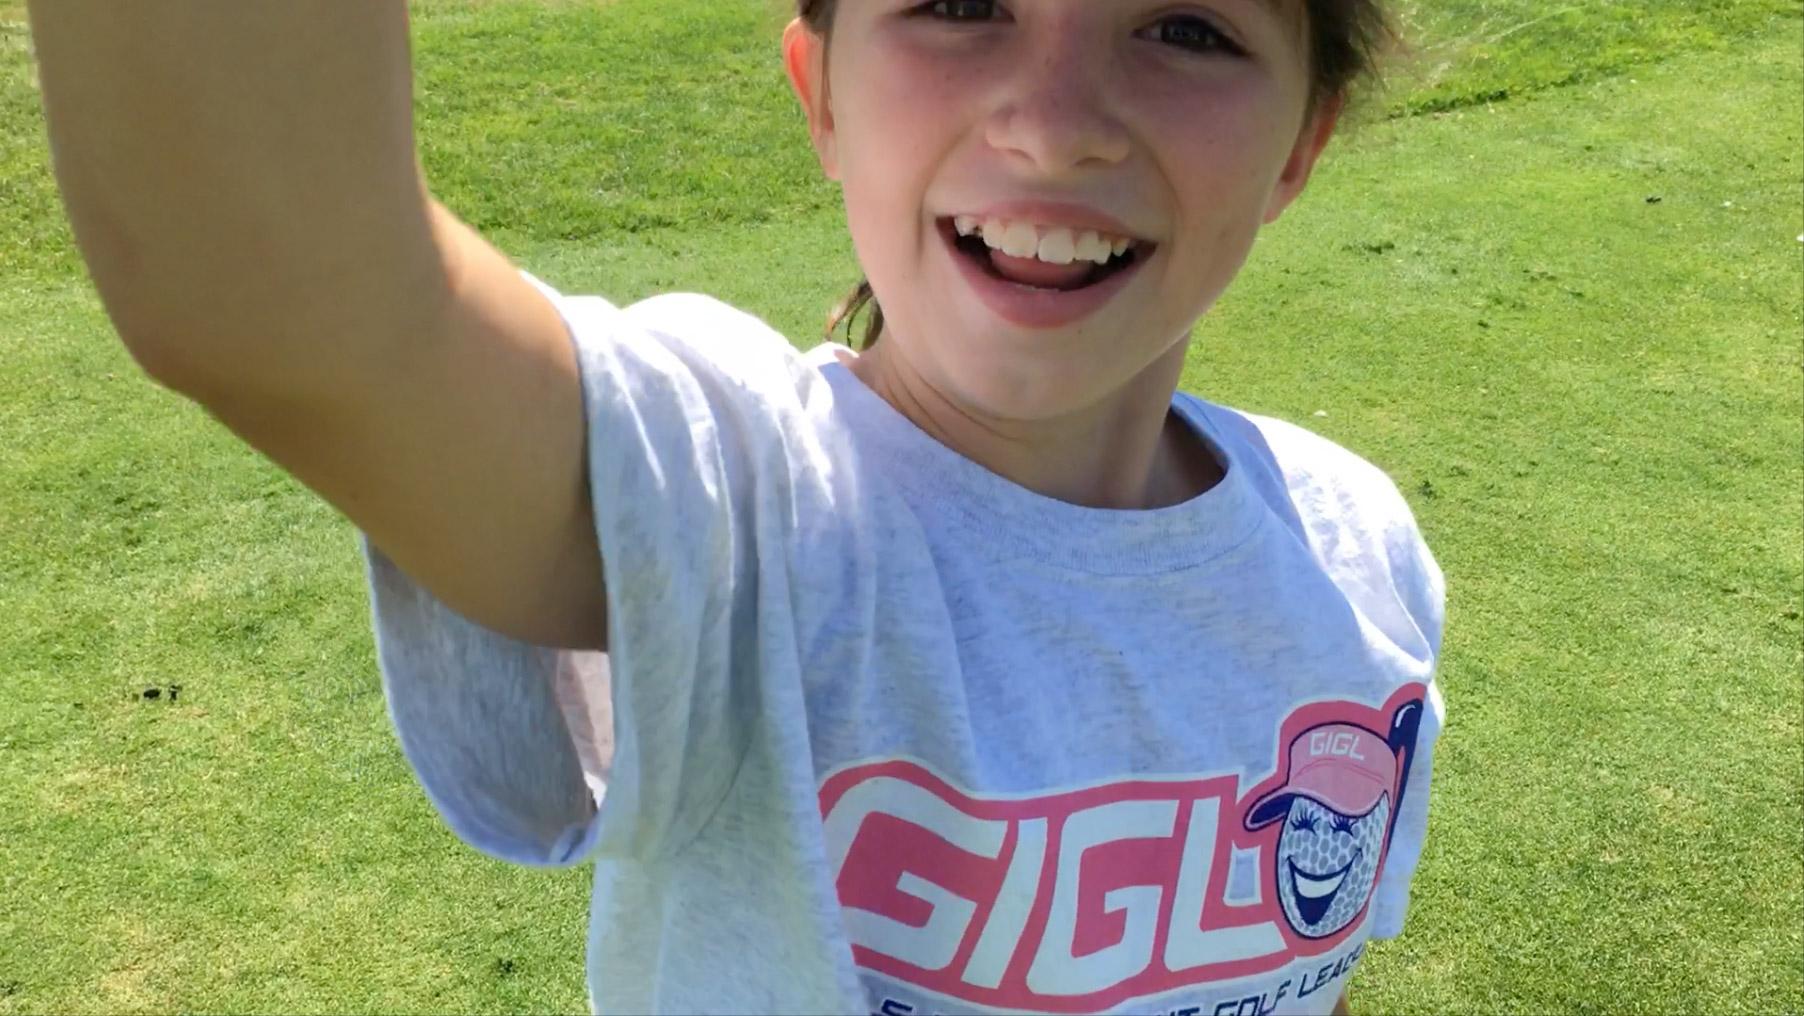 Girls Golf Program | C... Christina Ricci Golf